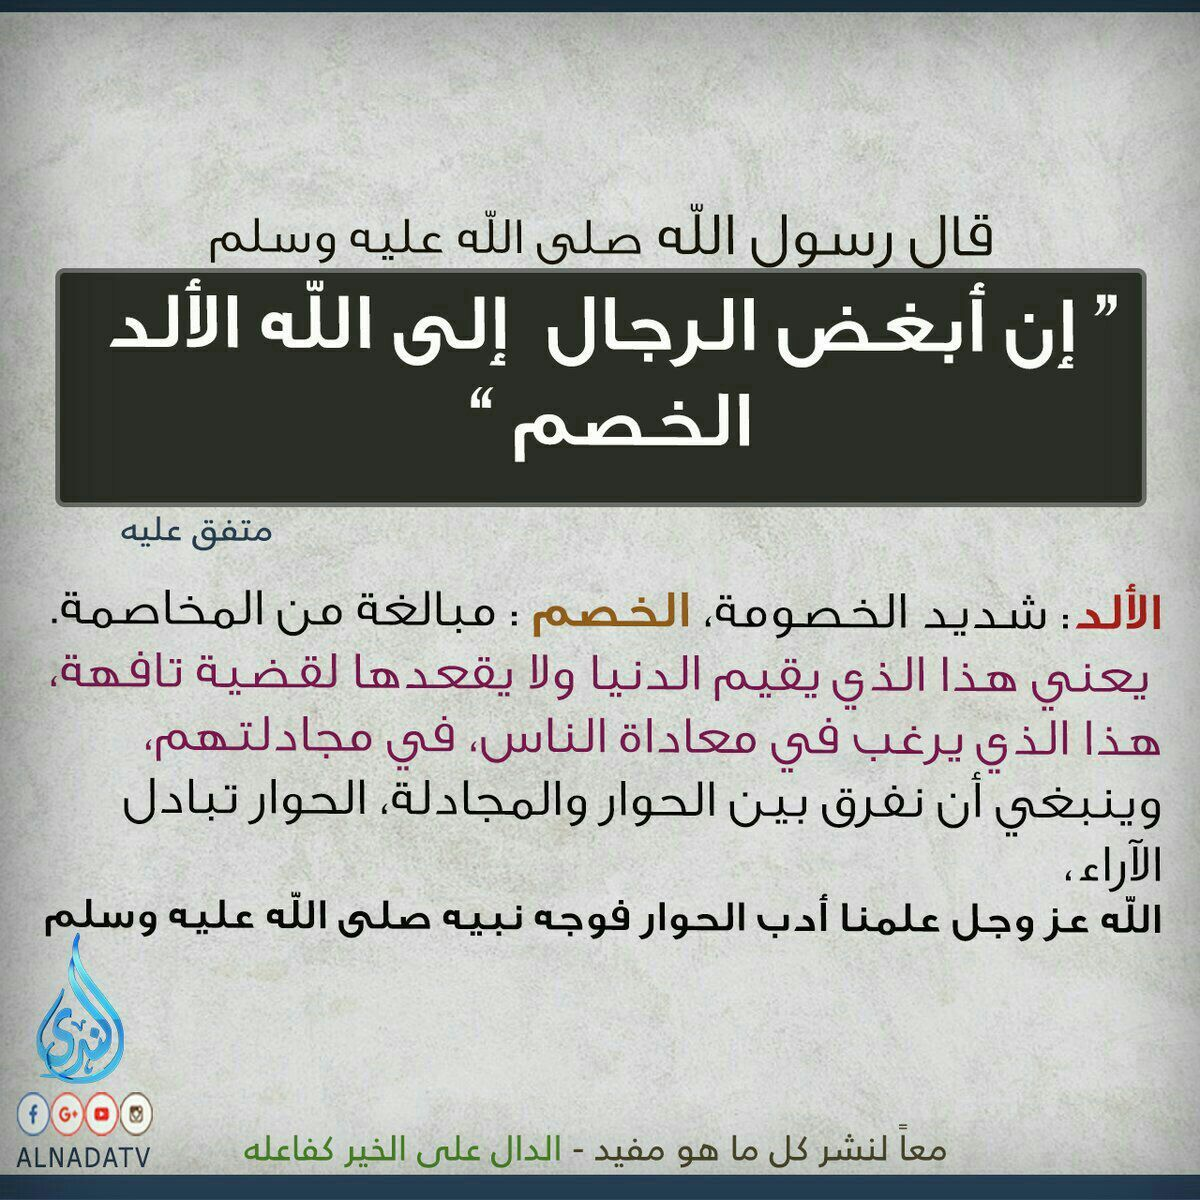 قال رسول الله صلى الله عليه وسلم إن أبغض الرجال إلى الله الألد الخصم Arabic Language Language Lins